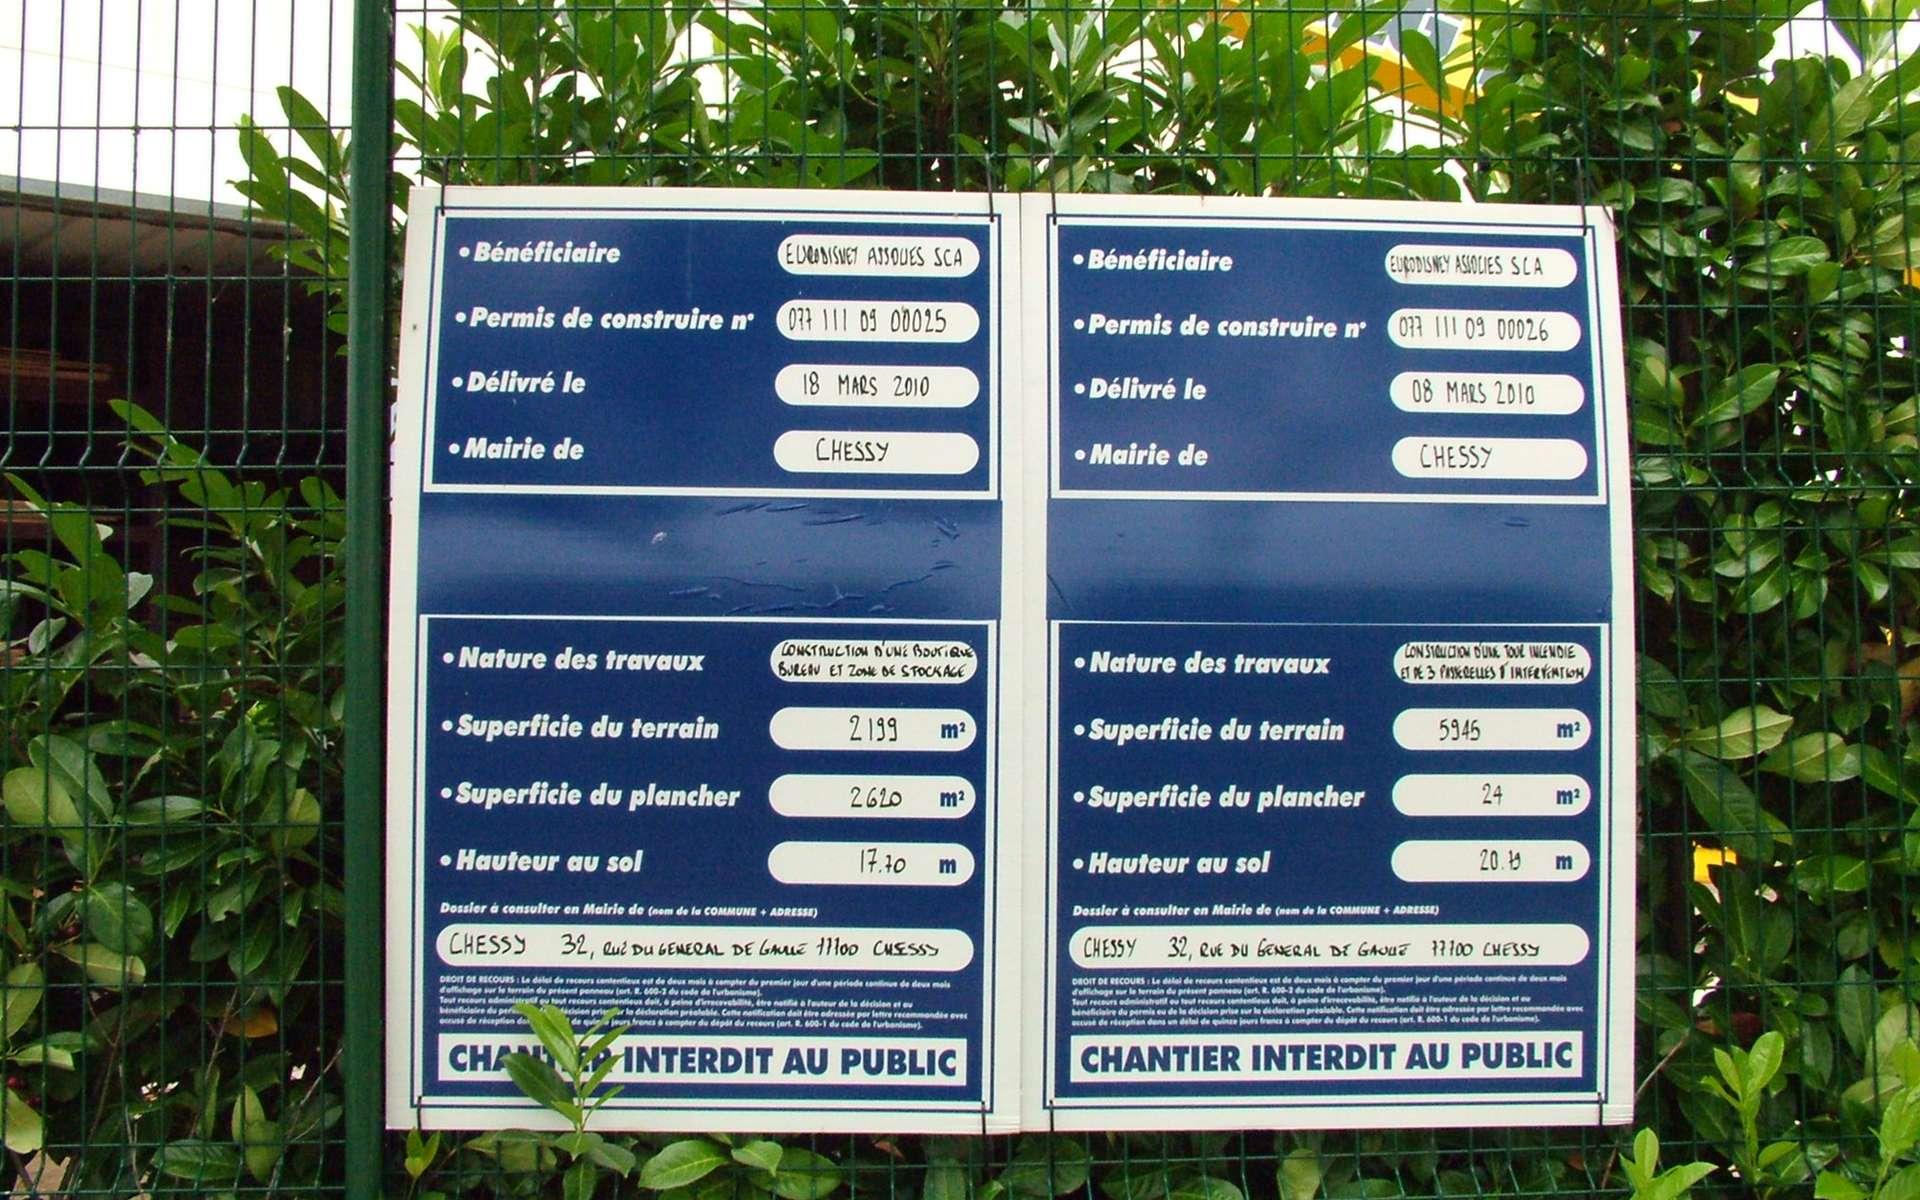 Le permis de construire n'est pas forcément obligatoire pour une extension de maison. © Hydrel, Wikimedia Commons, CC BY-SA 3.0